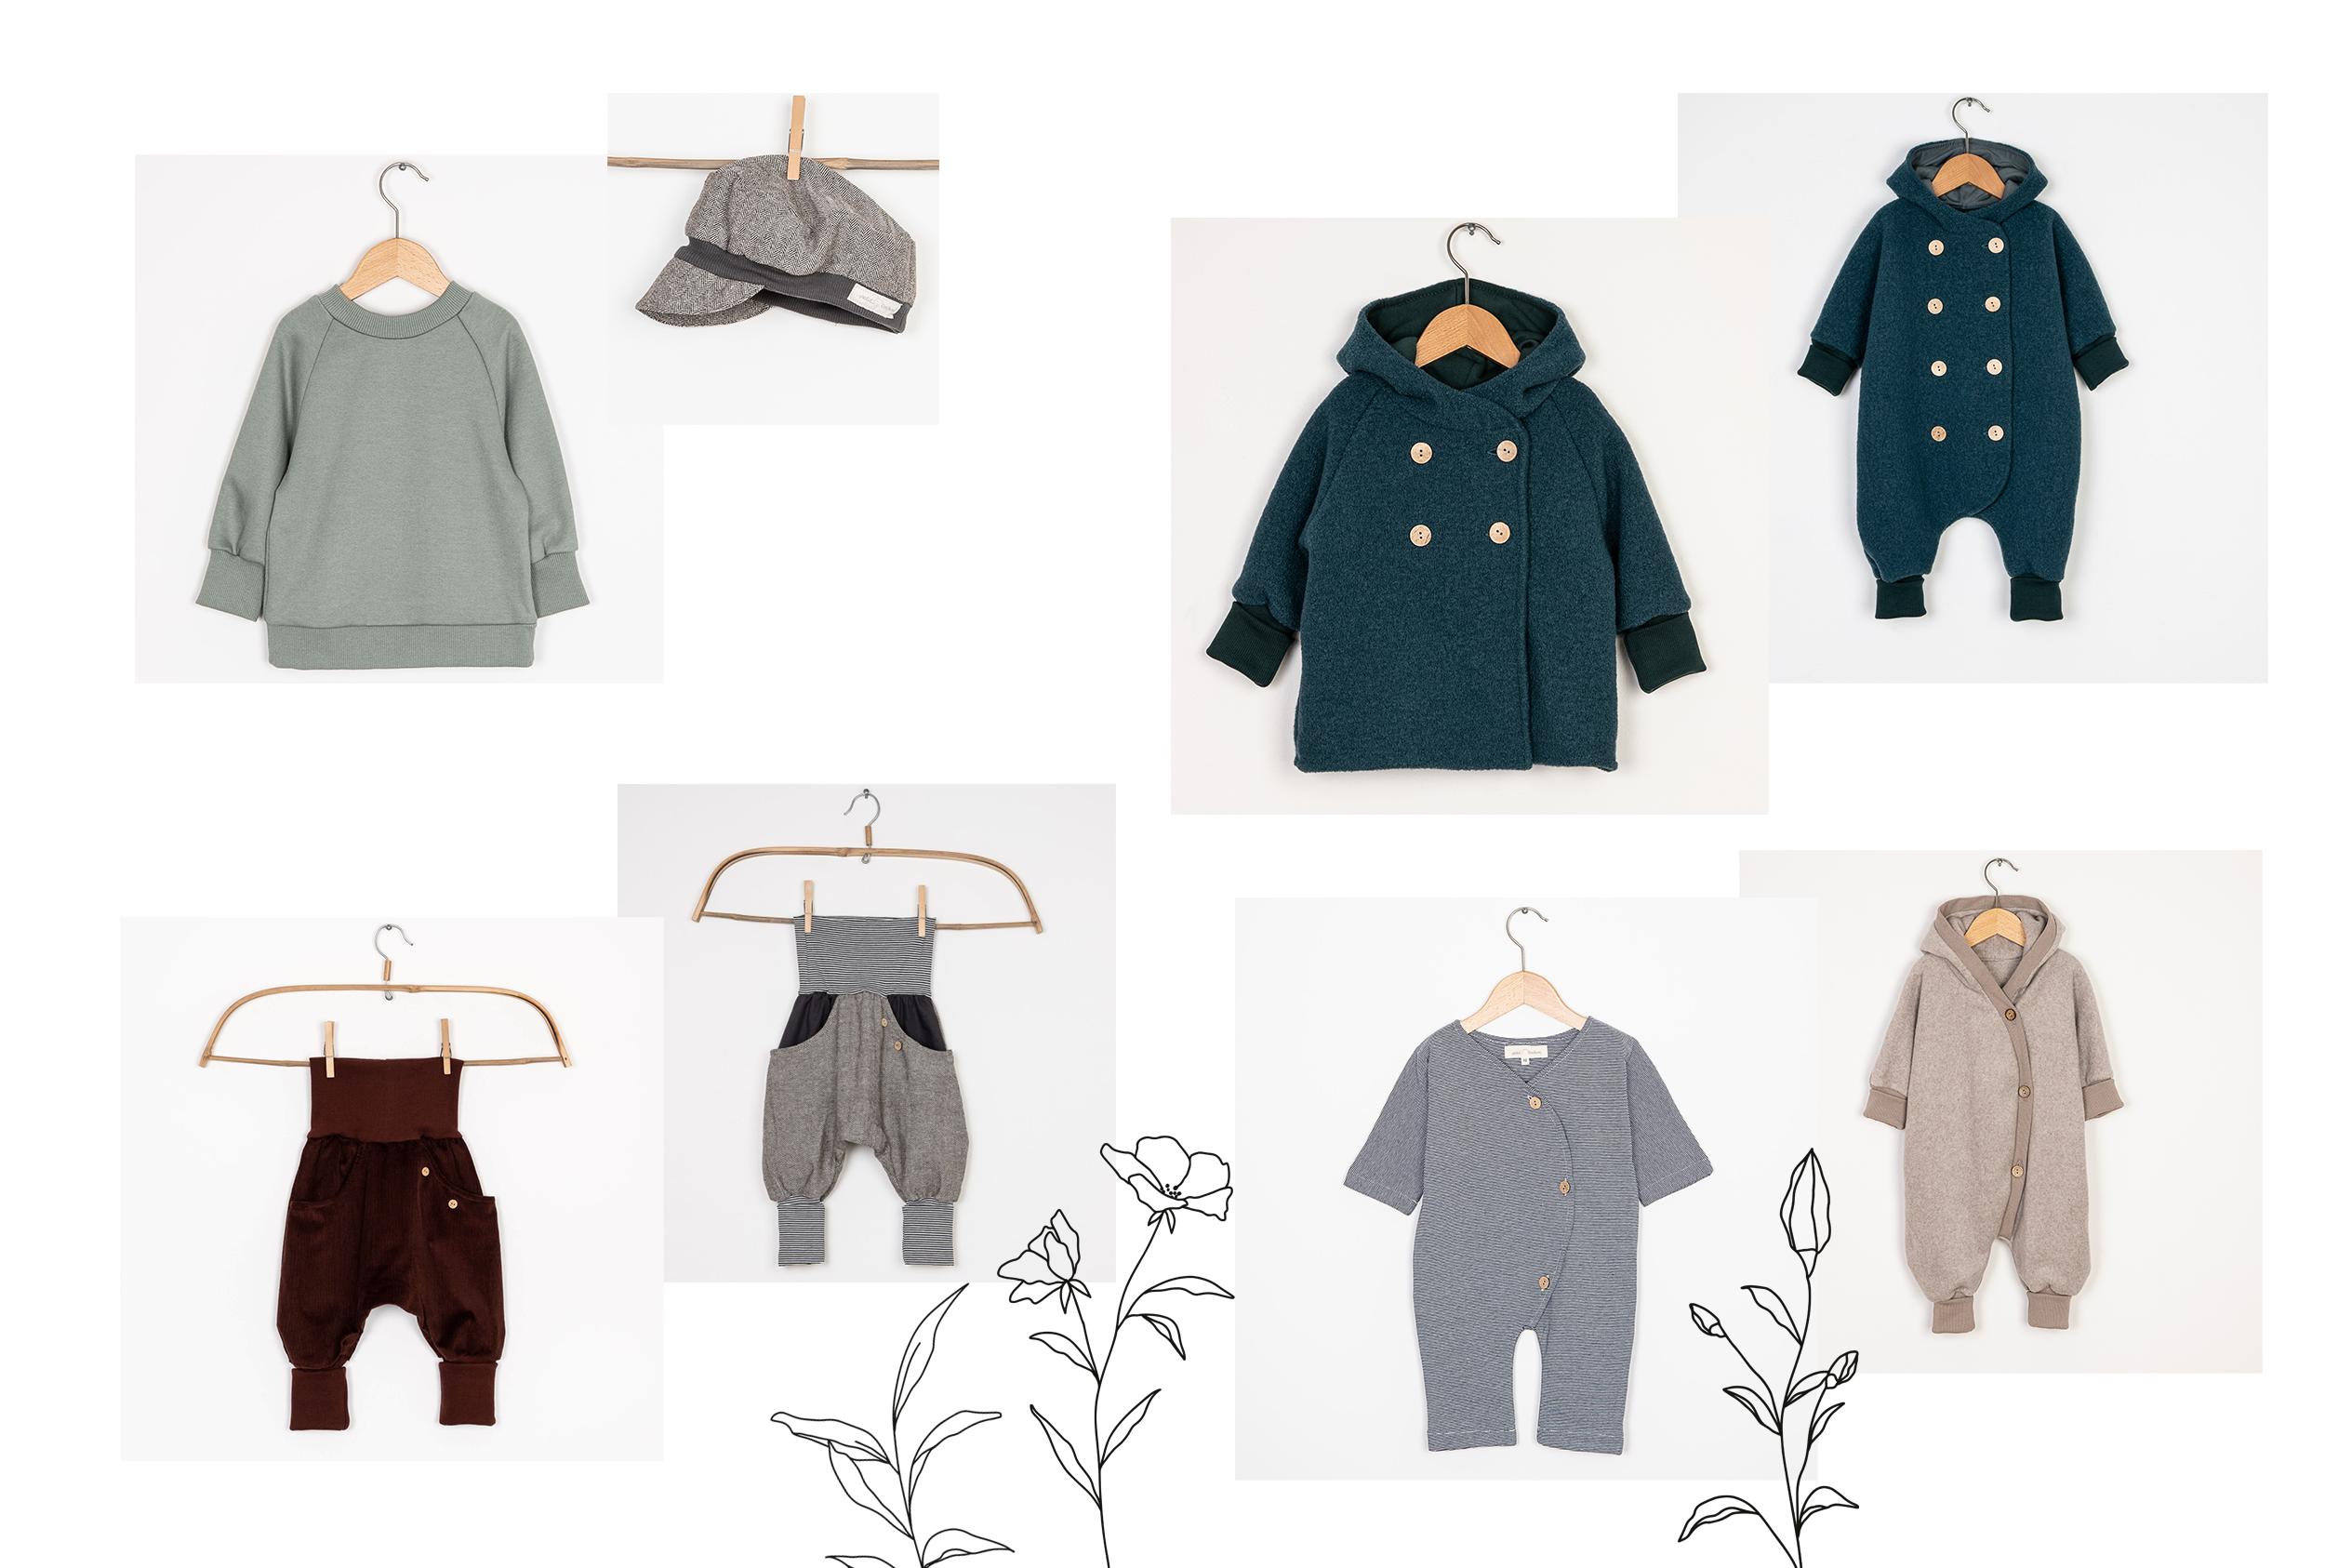 Petit Cochon Berlin - Handgemachte Kinderkleidung, die mit wächst